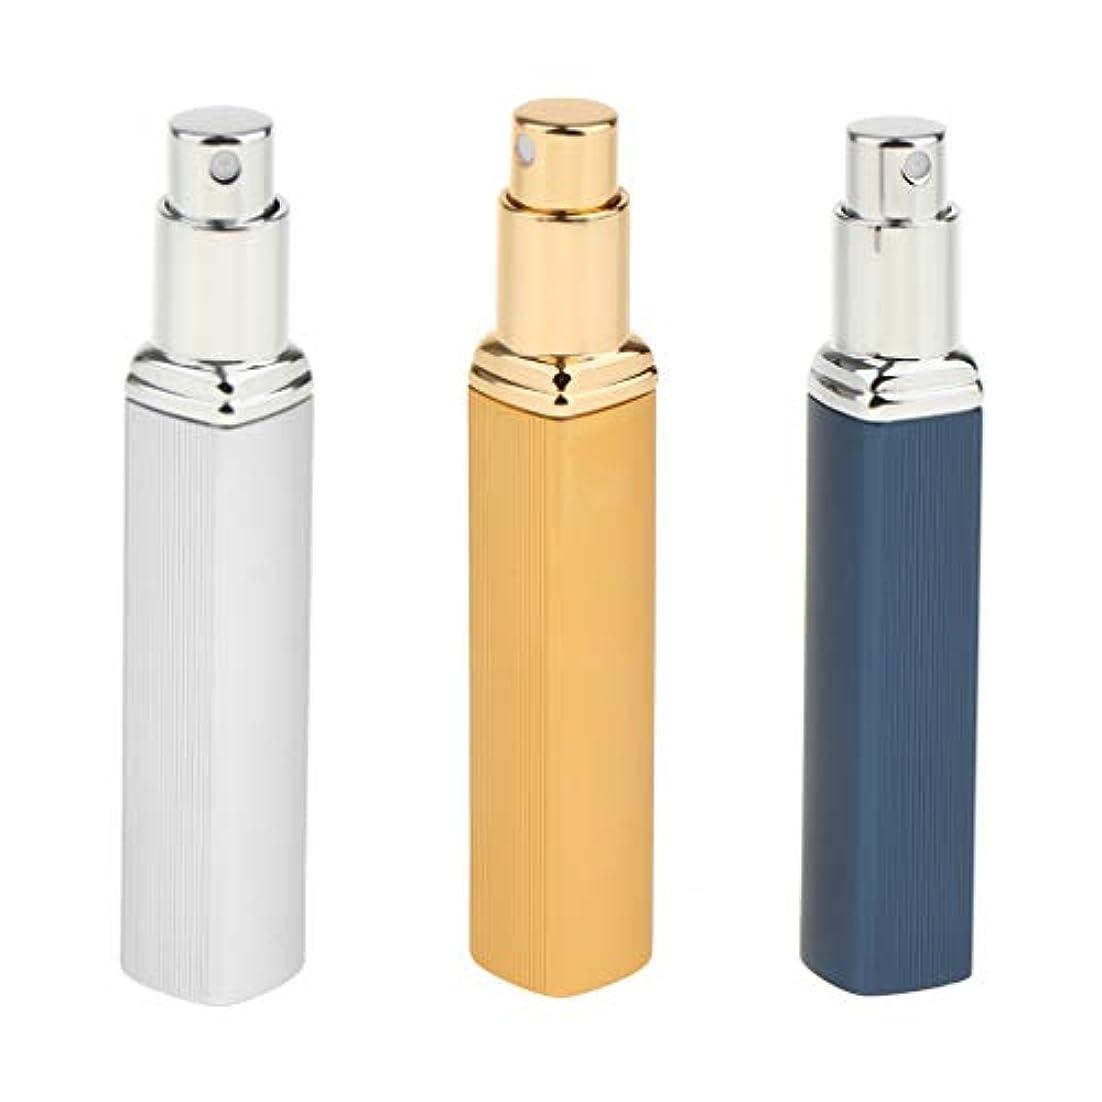 使役雨遺伝的chiwanji 3個入 10ml スプレーボトル 空 霧吹き アトマイザー スプレー容器 香水スプレー 詰め替え容器